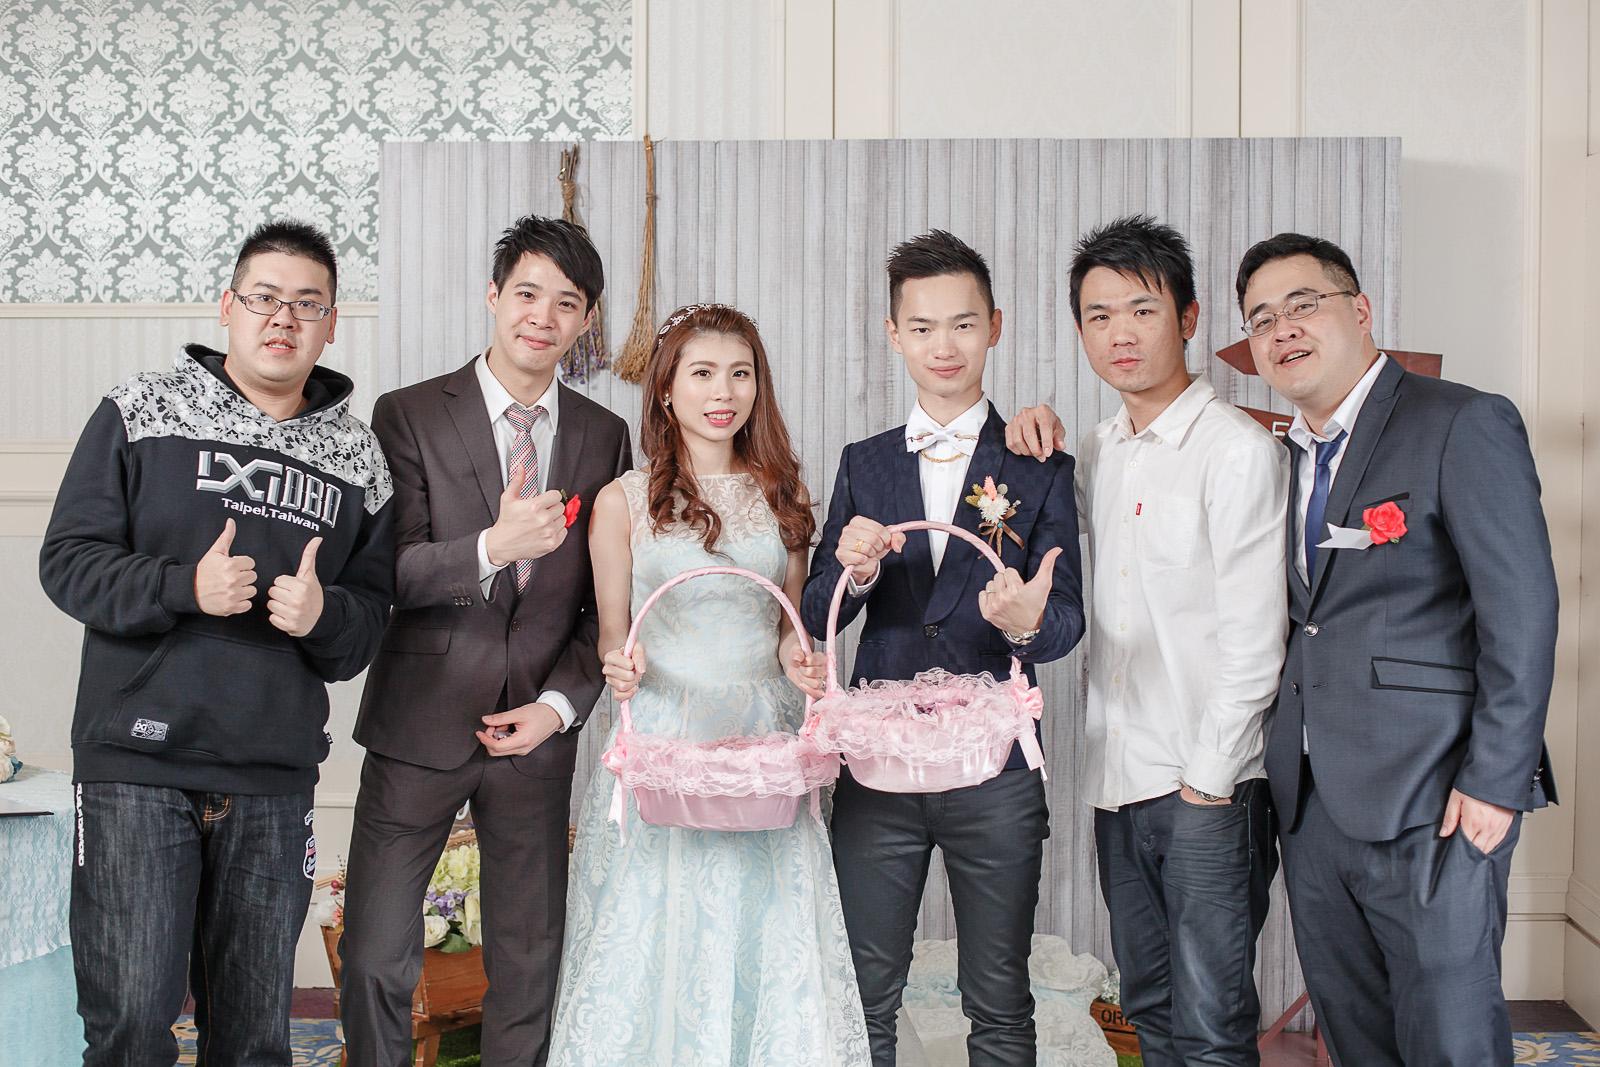 高雄圓山飯店,婚禮攝影,婚攝,高雄婚攝,優質婚攝推薦,Jen&Ethan-335